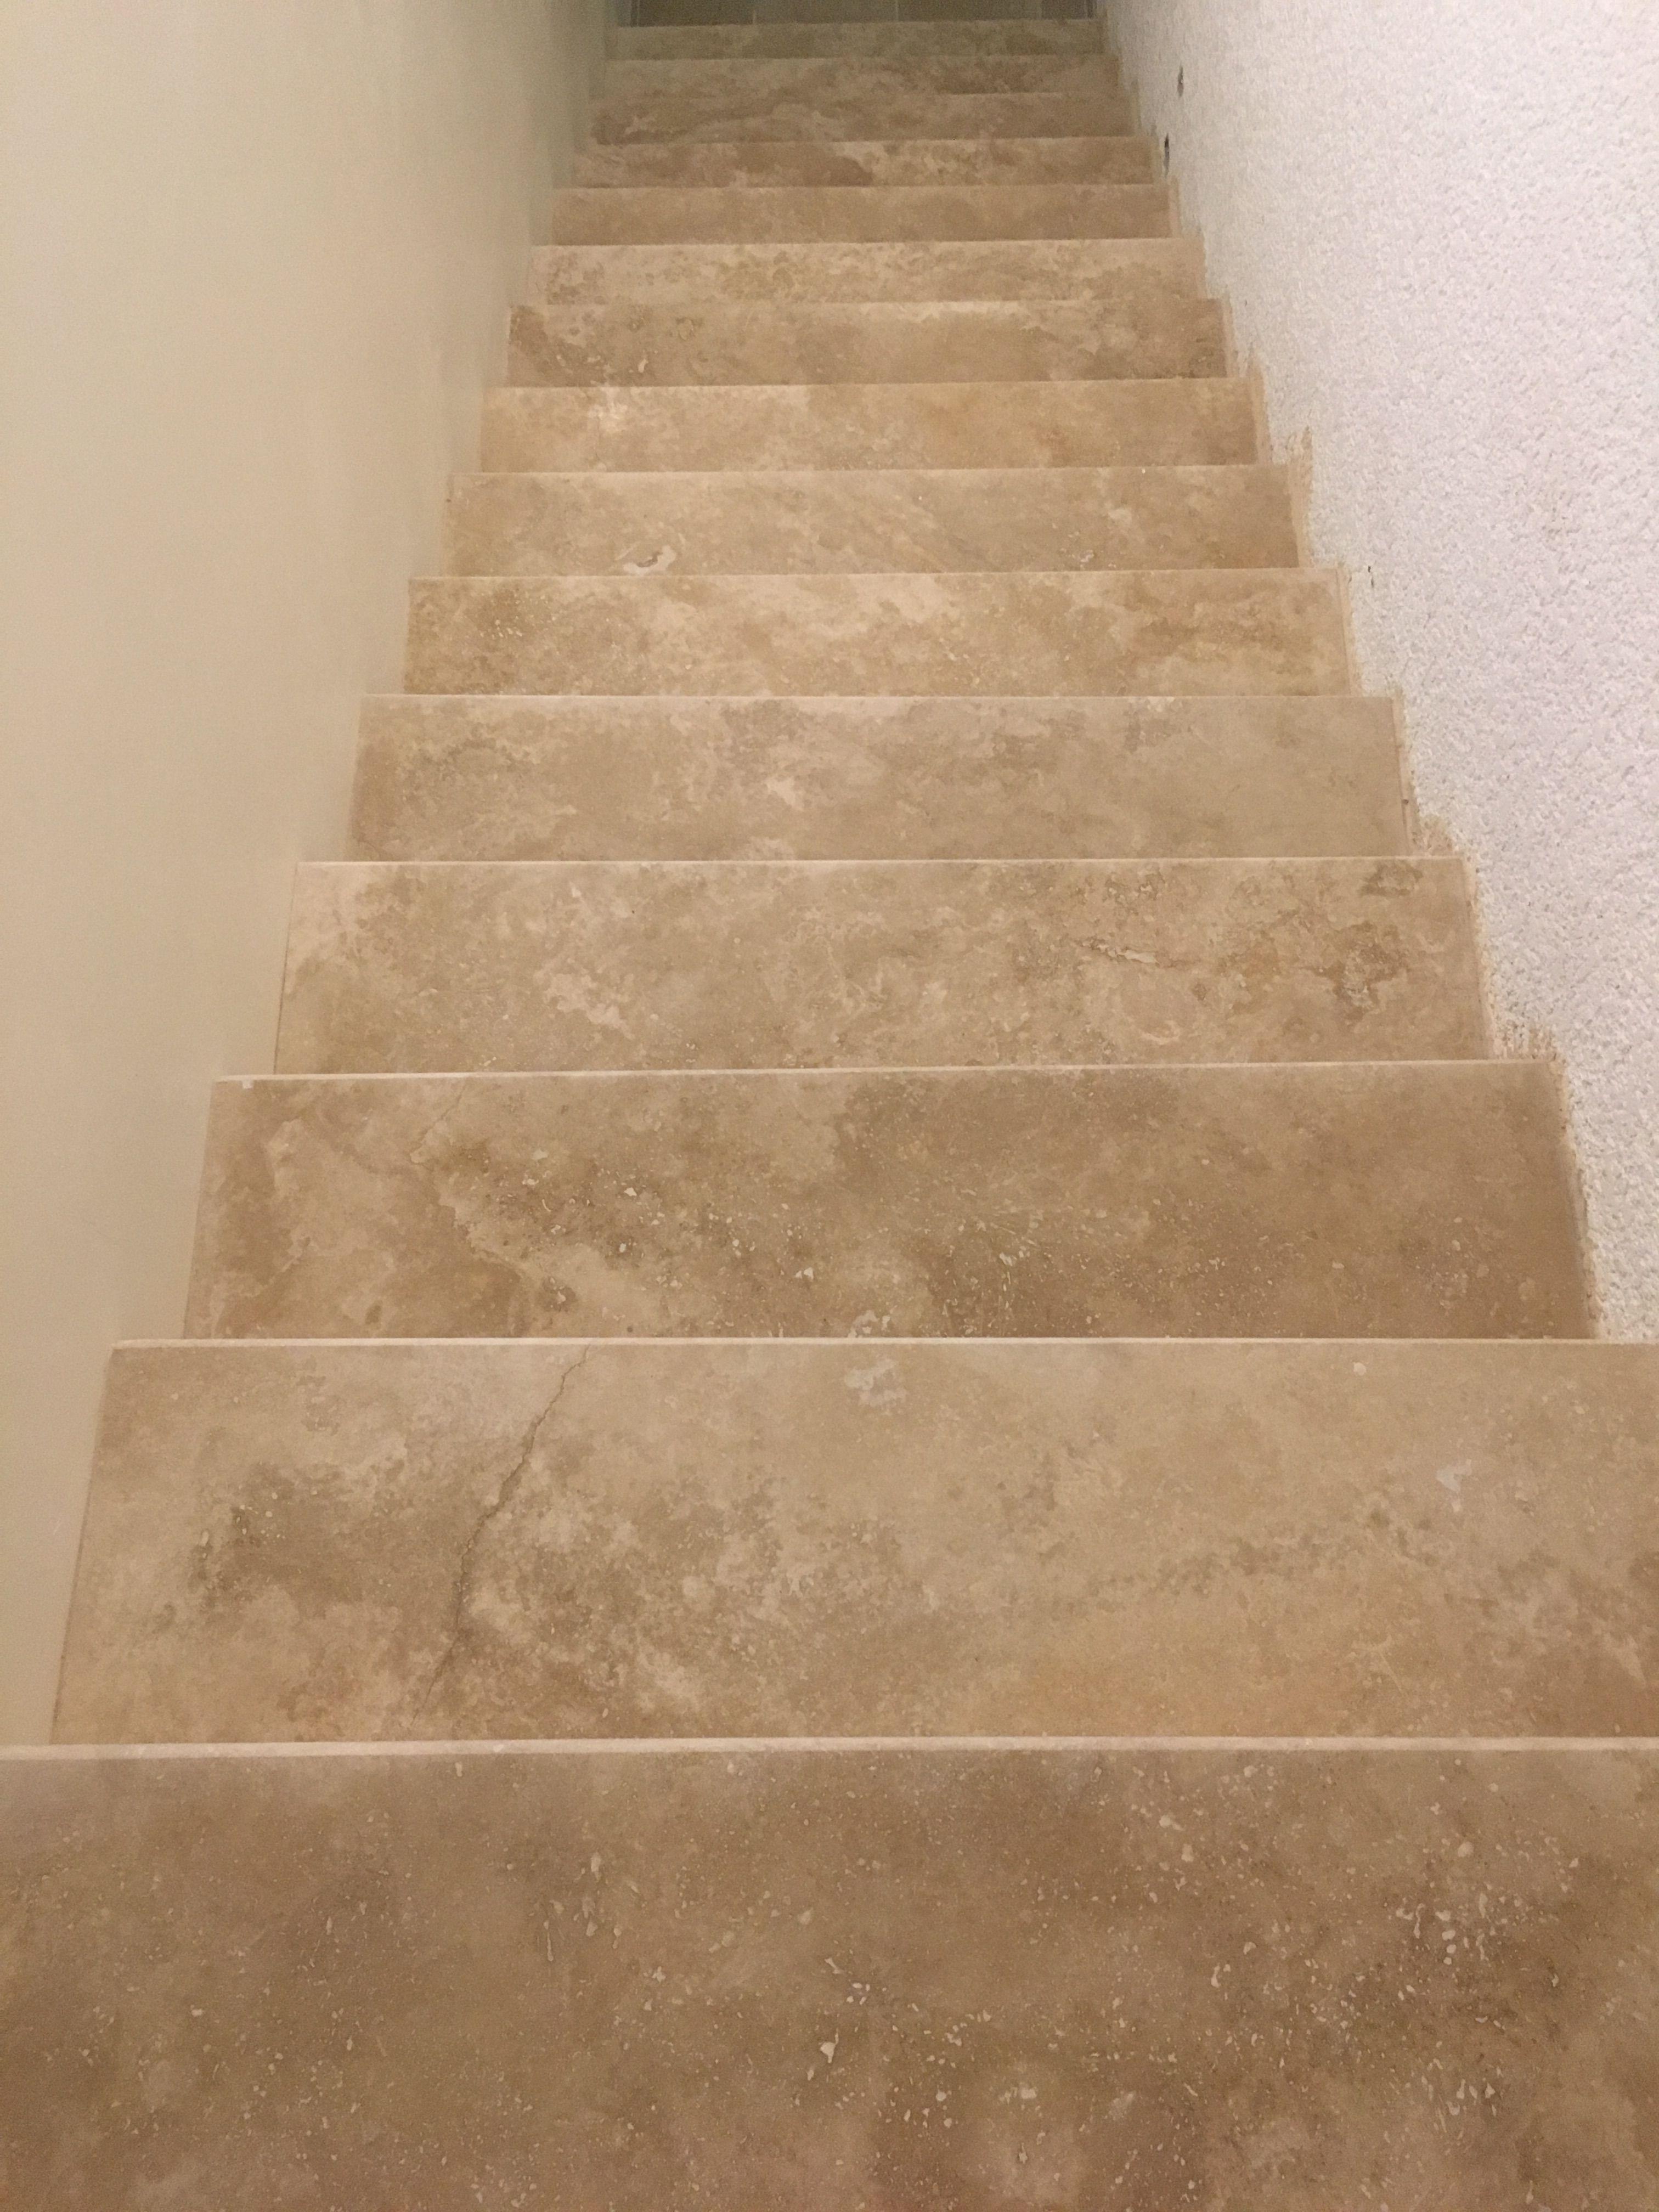 escalier pierre travertin marche Escalier